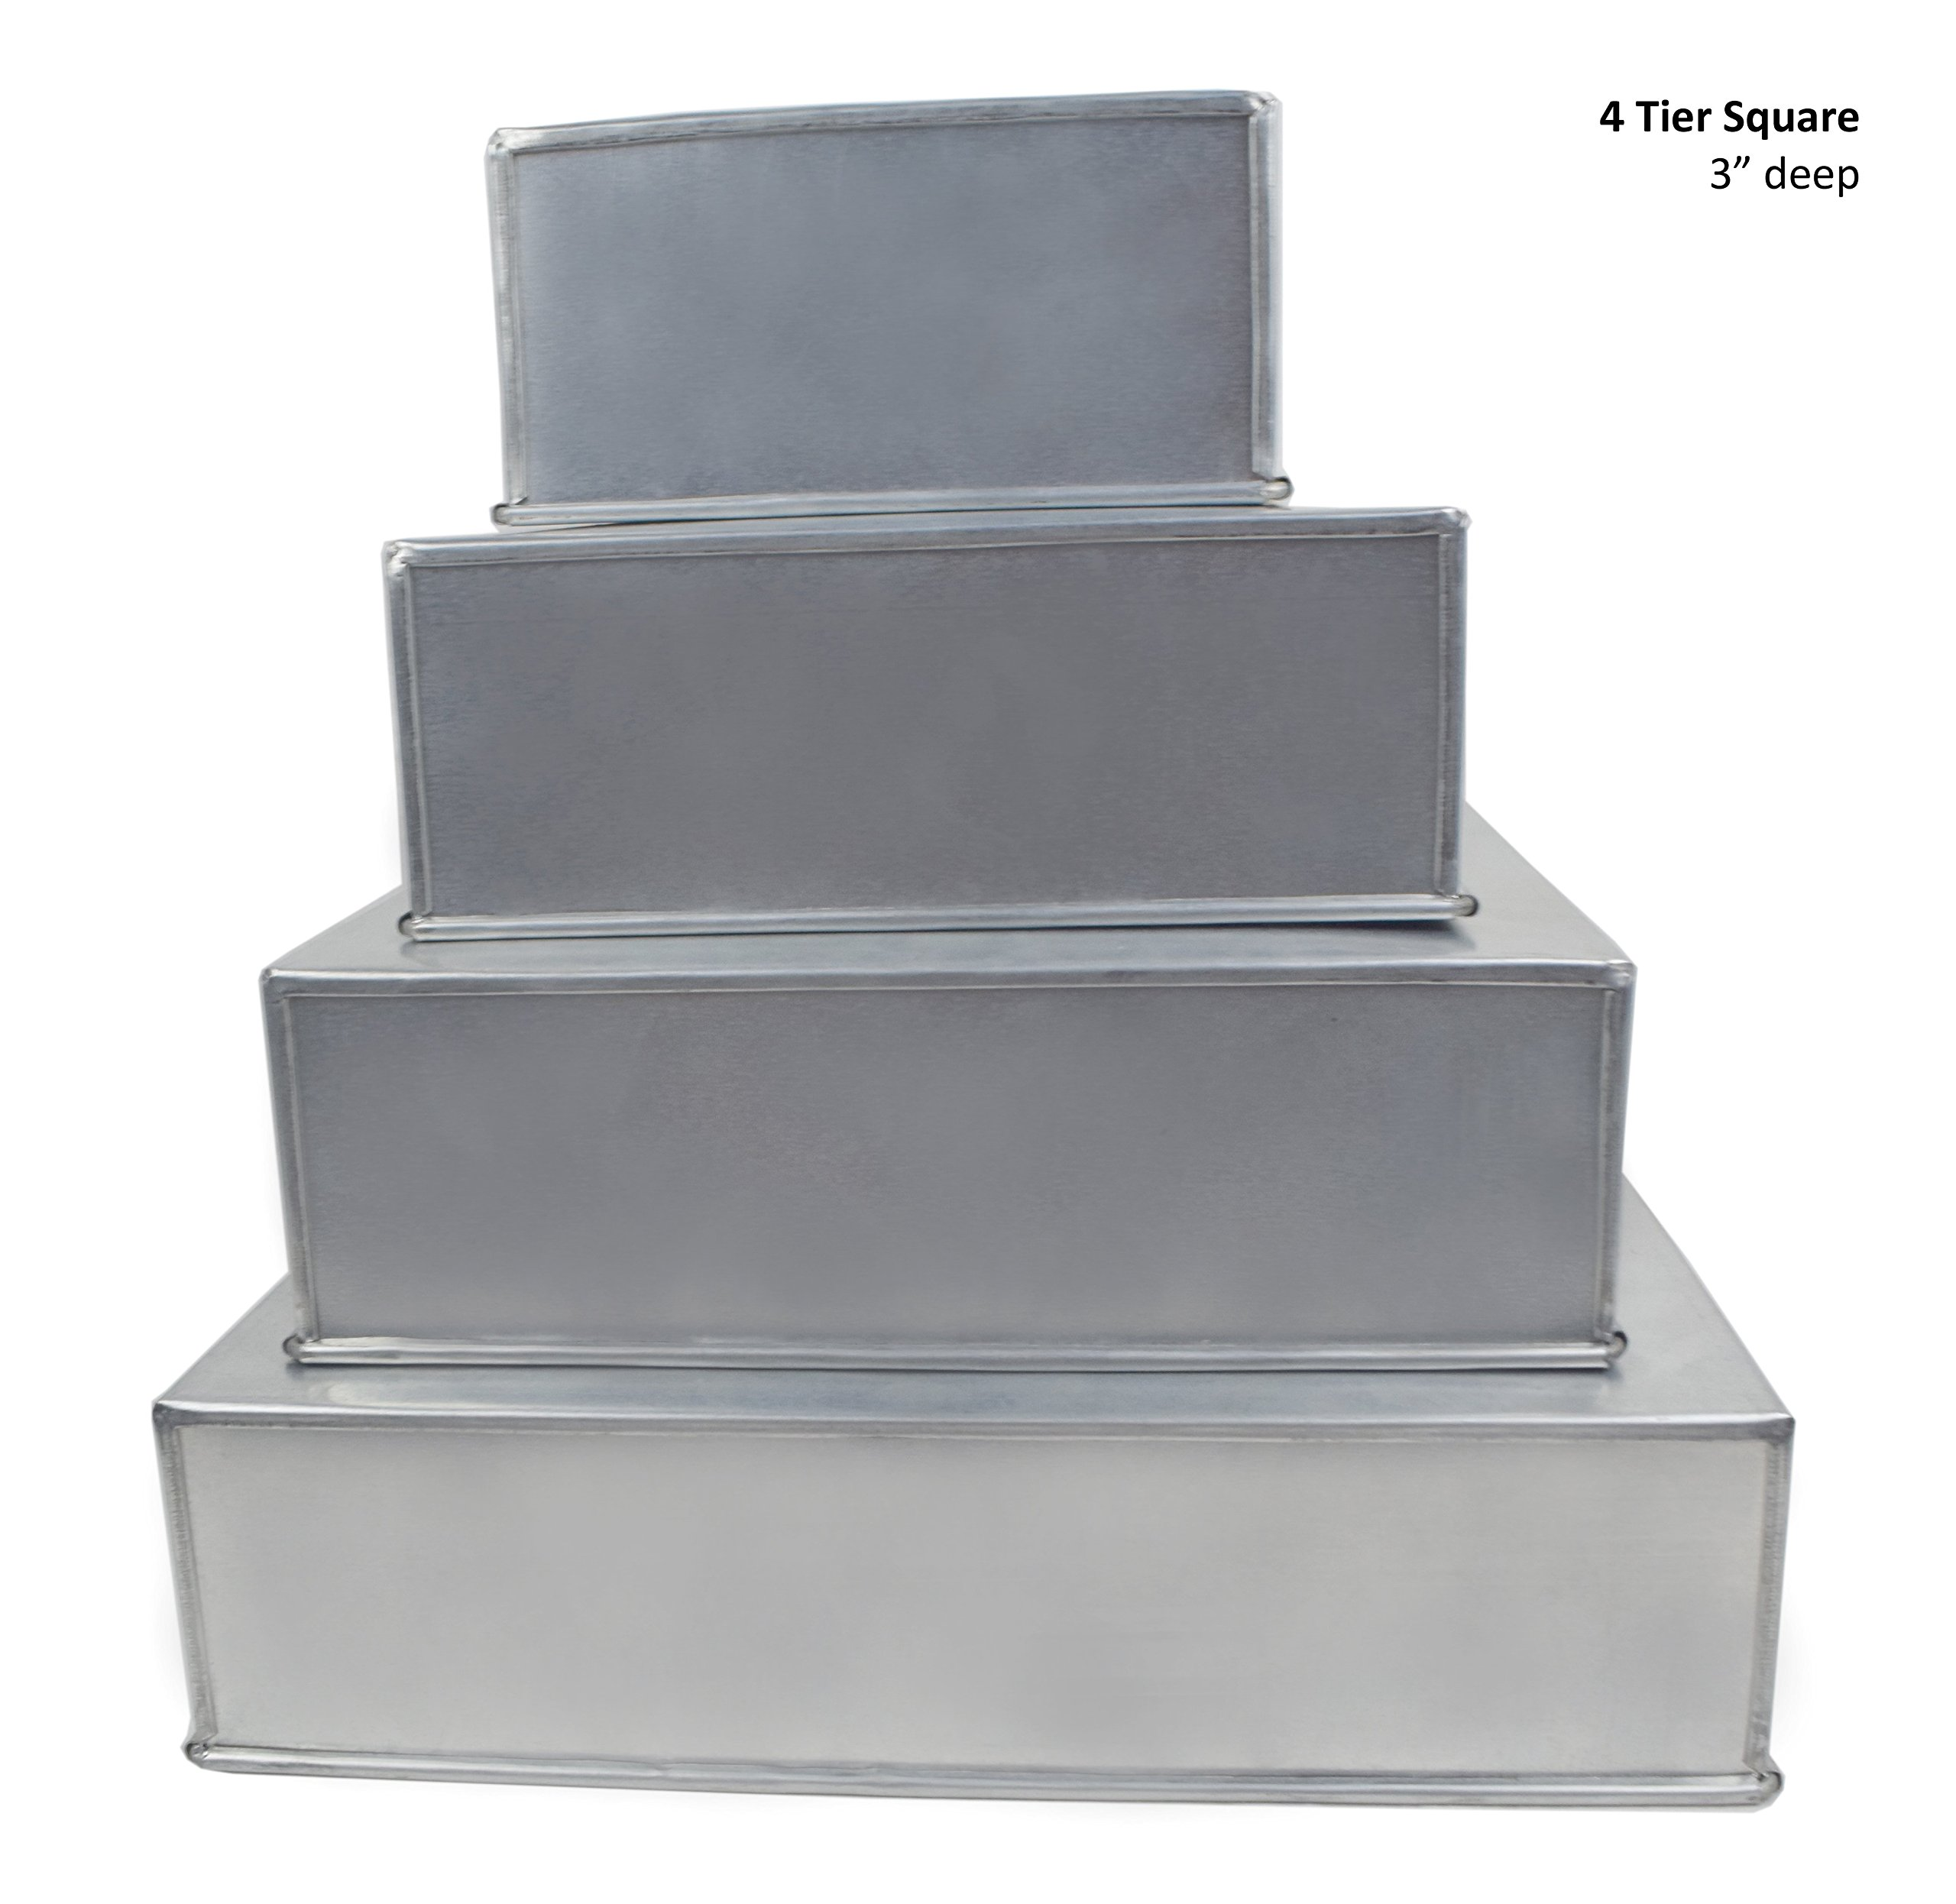 4 Tier Square Multilayer Wedding Birthday Anniversary Baking Cake Tins Cake Pans 6'' 8'' 10'' 12'' - EUROTINS